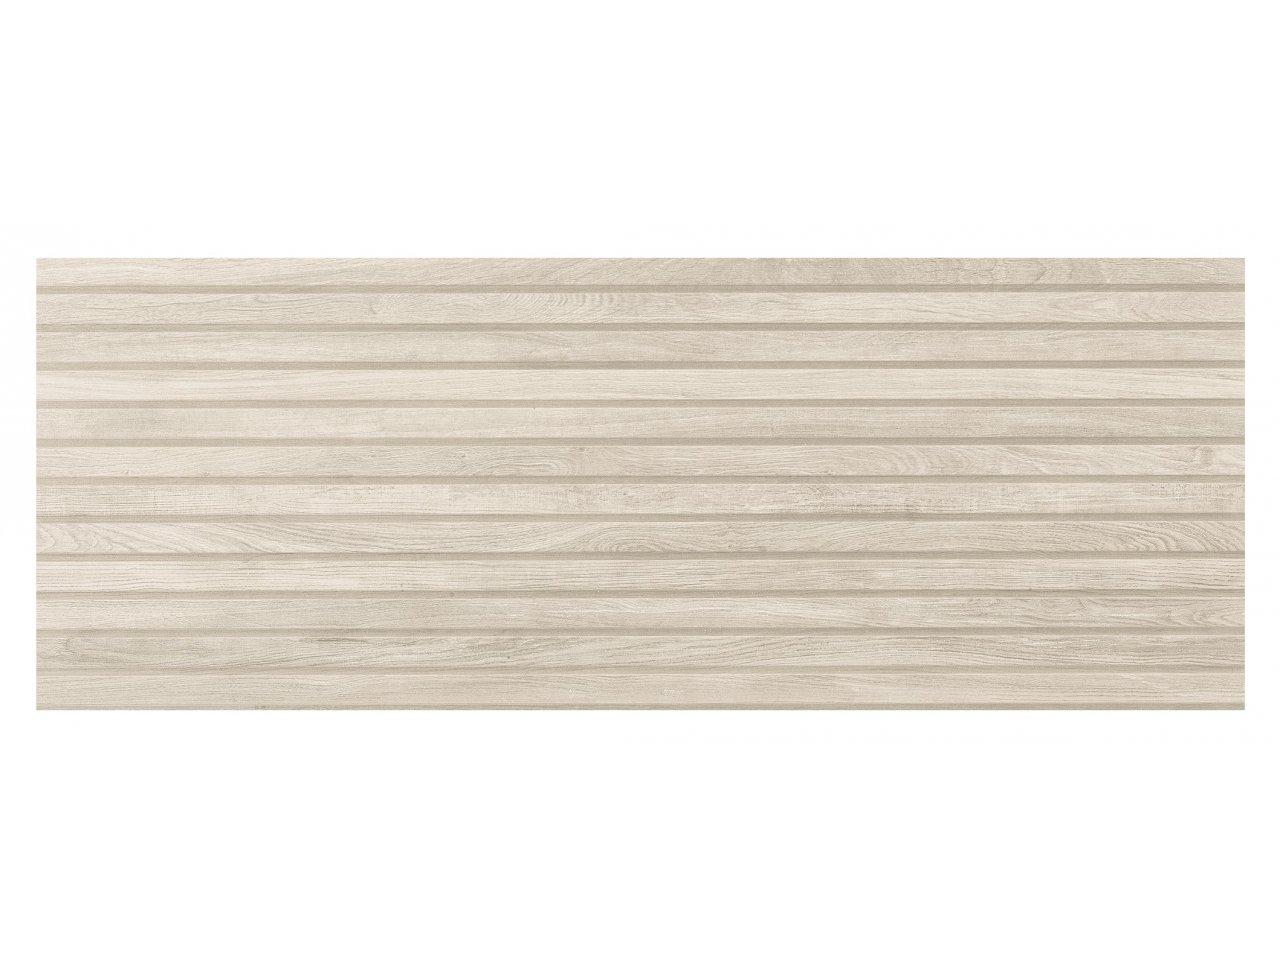 Керамическая плитка PORCELANOSA Lexington Maple 45x120